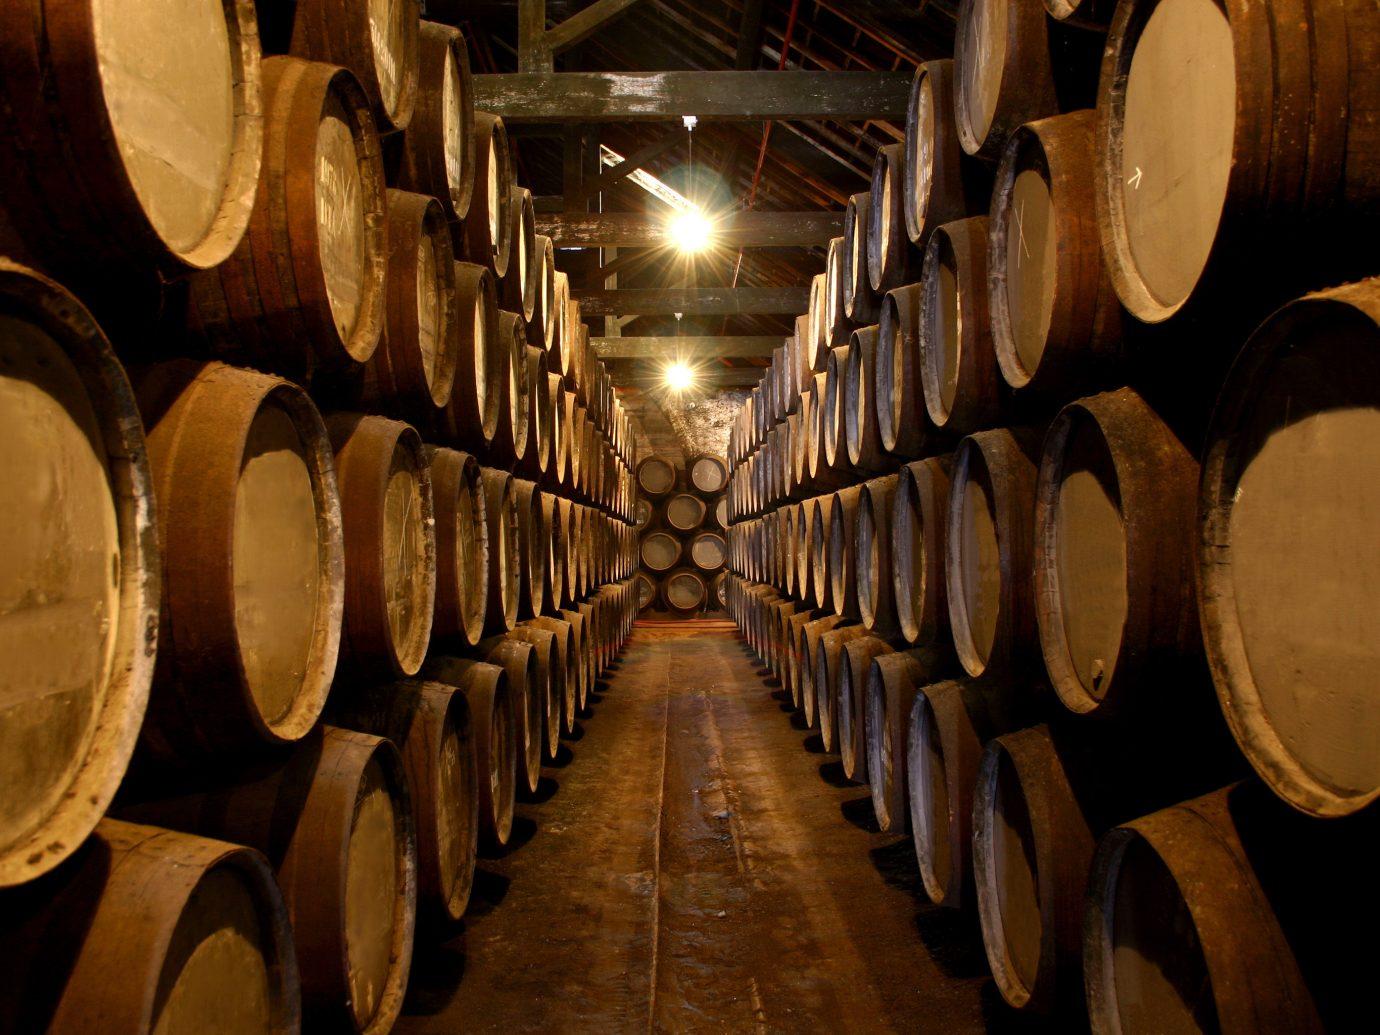 Food + Drink vessel basement barrel man made object wine wood Winery